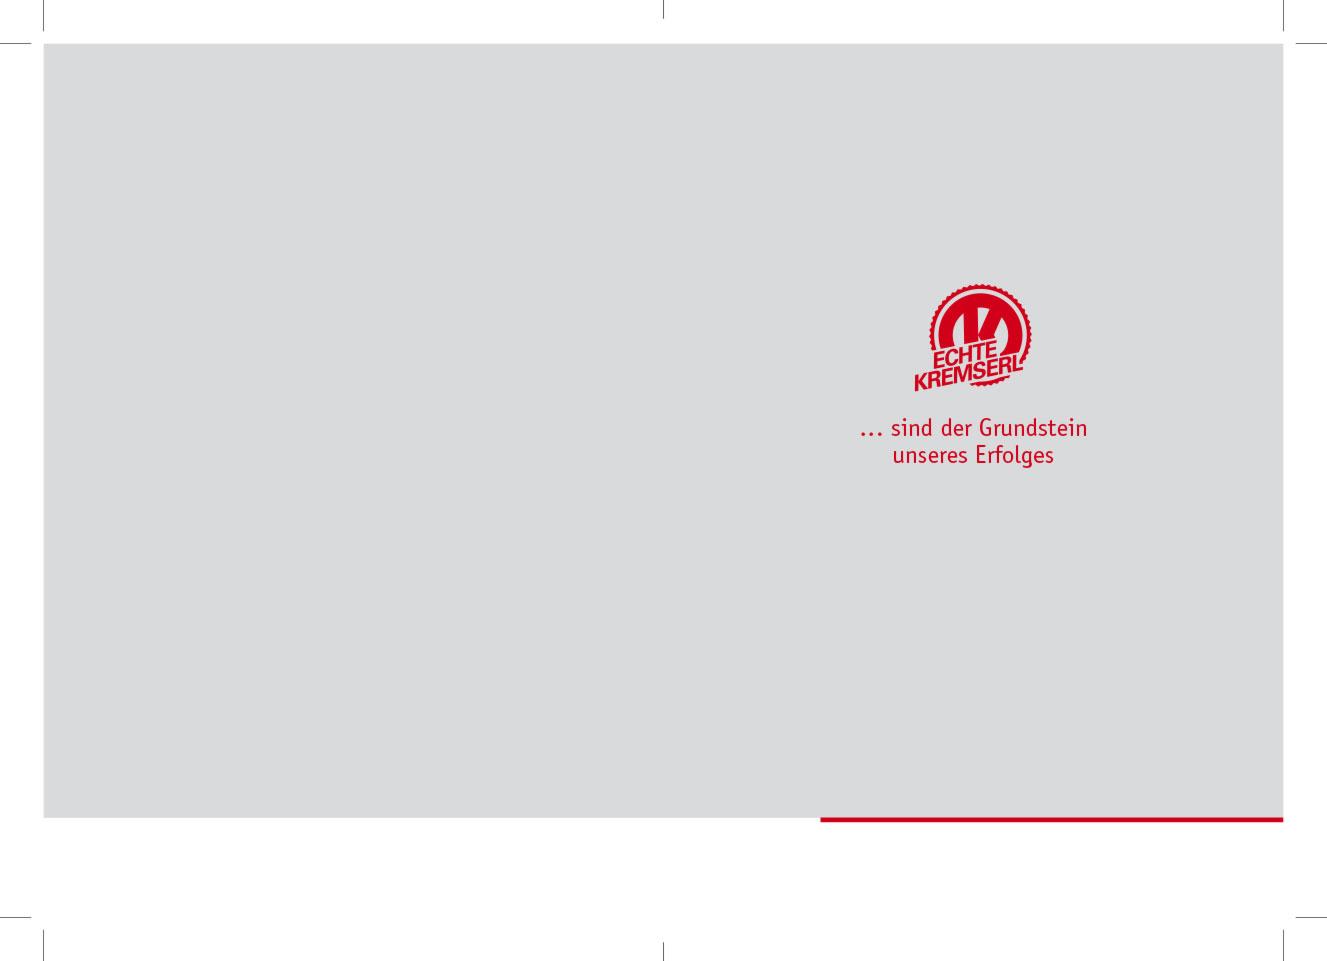 leitbild-kremsmueller-designkitchen3.jpg